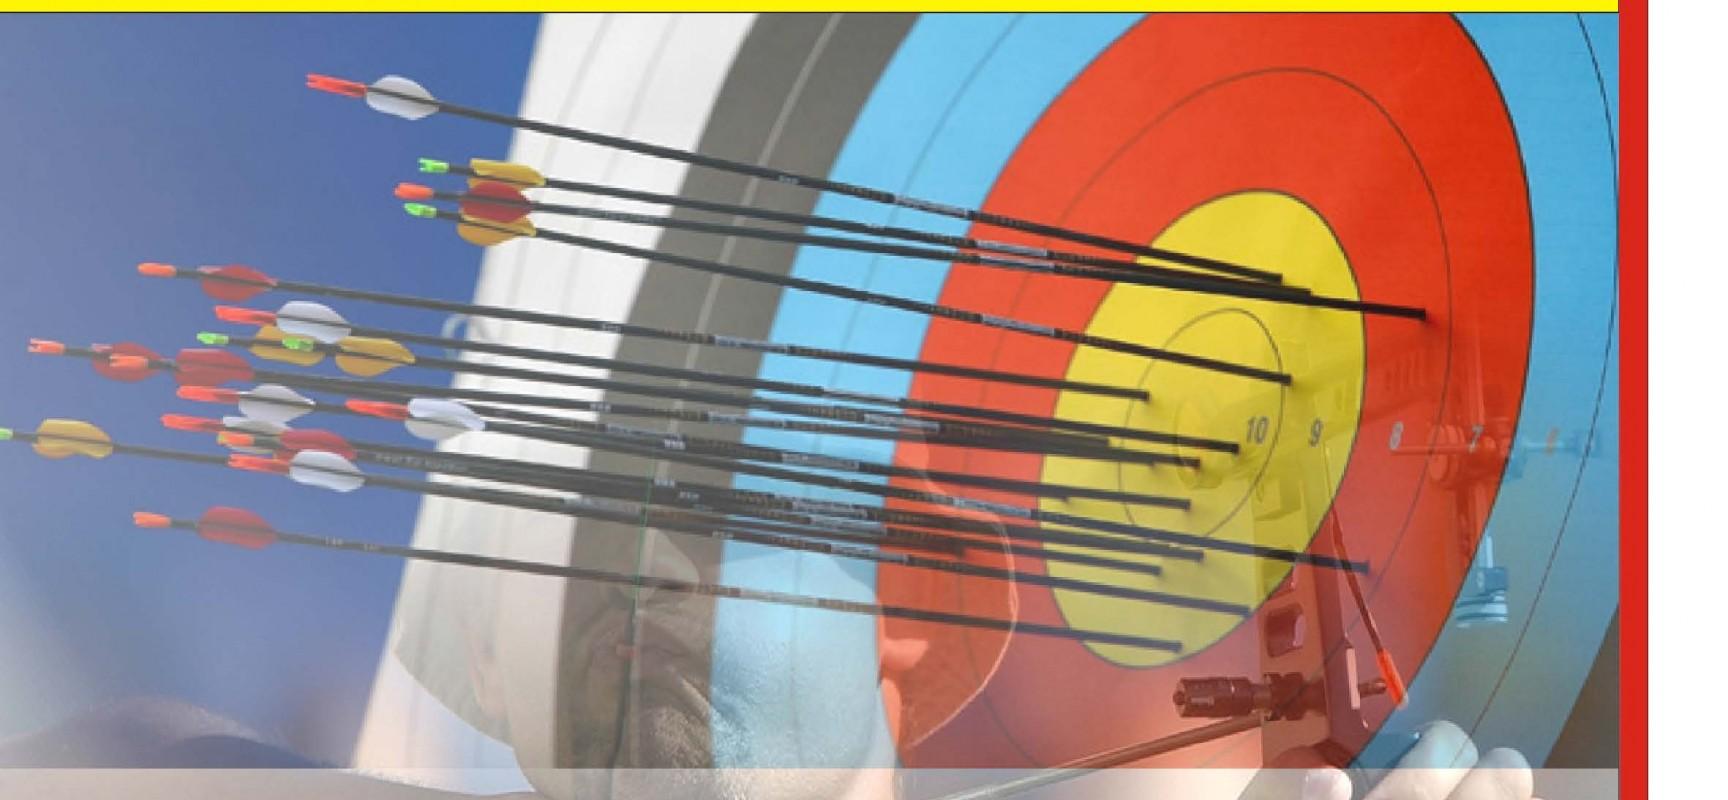 ΠΡΟΚΗΡΥΞΗ ΑΓΩΝΑ ΤΟΞΟΒΟΛΙΑΣ ΚΛΕΙΣΤΟΥ ΧΩΡΟΥ  Α΄& Β΄ΑΓΩΝΙΣΤΙΚΗΣ ΚΑΤΗΓΟΡΙΑΣ 2Χ18μ. Α-Γ/ΝΑ–ΝΓ/Ε-Ν ΟΛΥΜΠΙΑΚΟΥ & ΣΥΝΘΕΤΟΥ ΤΟΞΟΥ  ΑΝΑΠΤΥΞΙΑΚΟΣ ΚΛΕΙΣΤΟΥ ΧΩΡΟΥ 2Χ18μ. Π-Κ/ΠΠ-ΠΚ ΟΛΥΜΠΙΑΚΟΥ & ΣΥΝΘΕΤΟΥ ΤΟΞΟΥ ΘΕΣΣΑΛΟΝΙΚΗ, Κυριακή 21 Φεβρουαρίου 2016